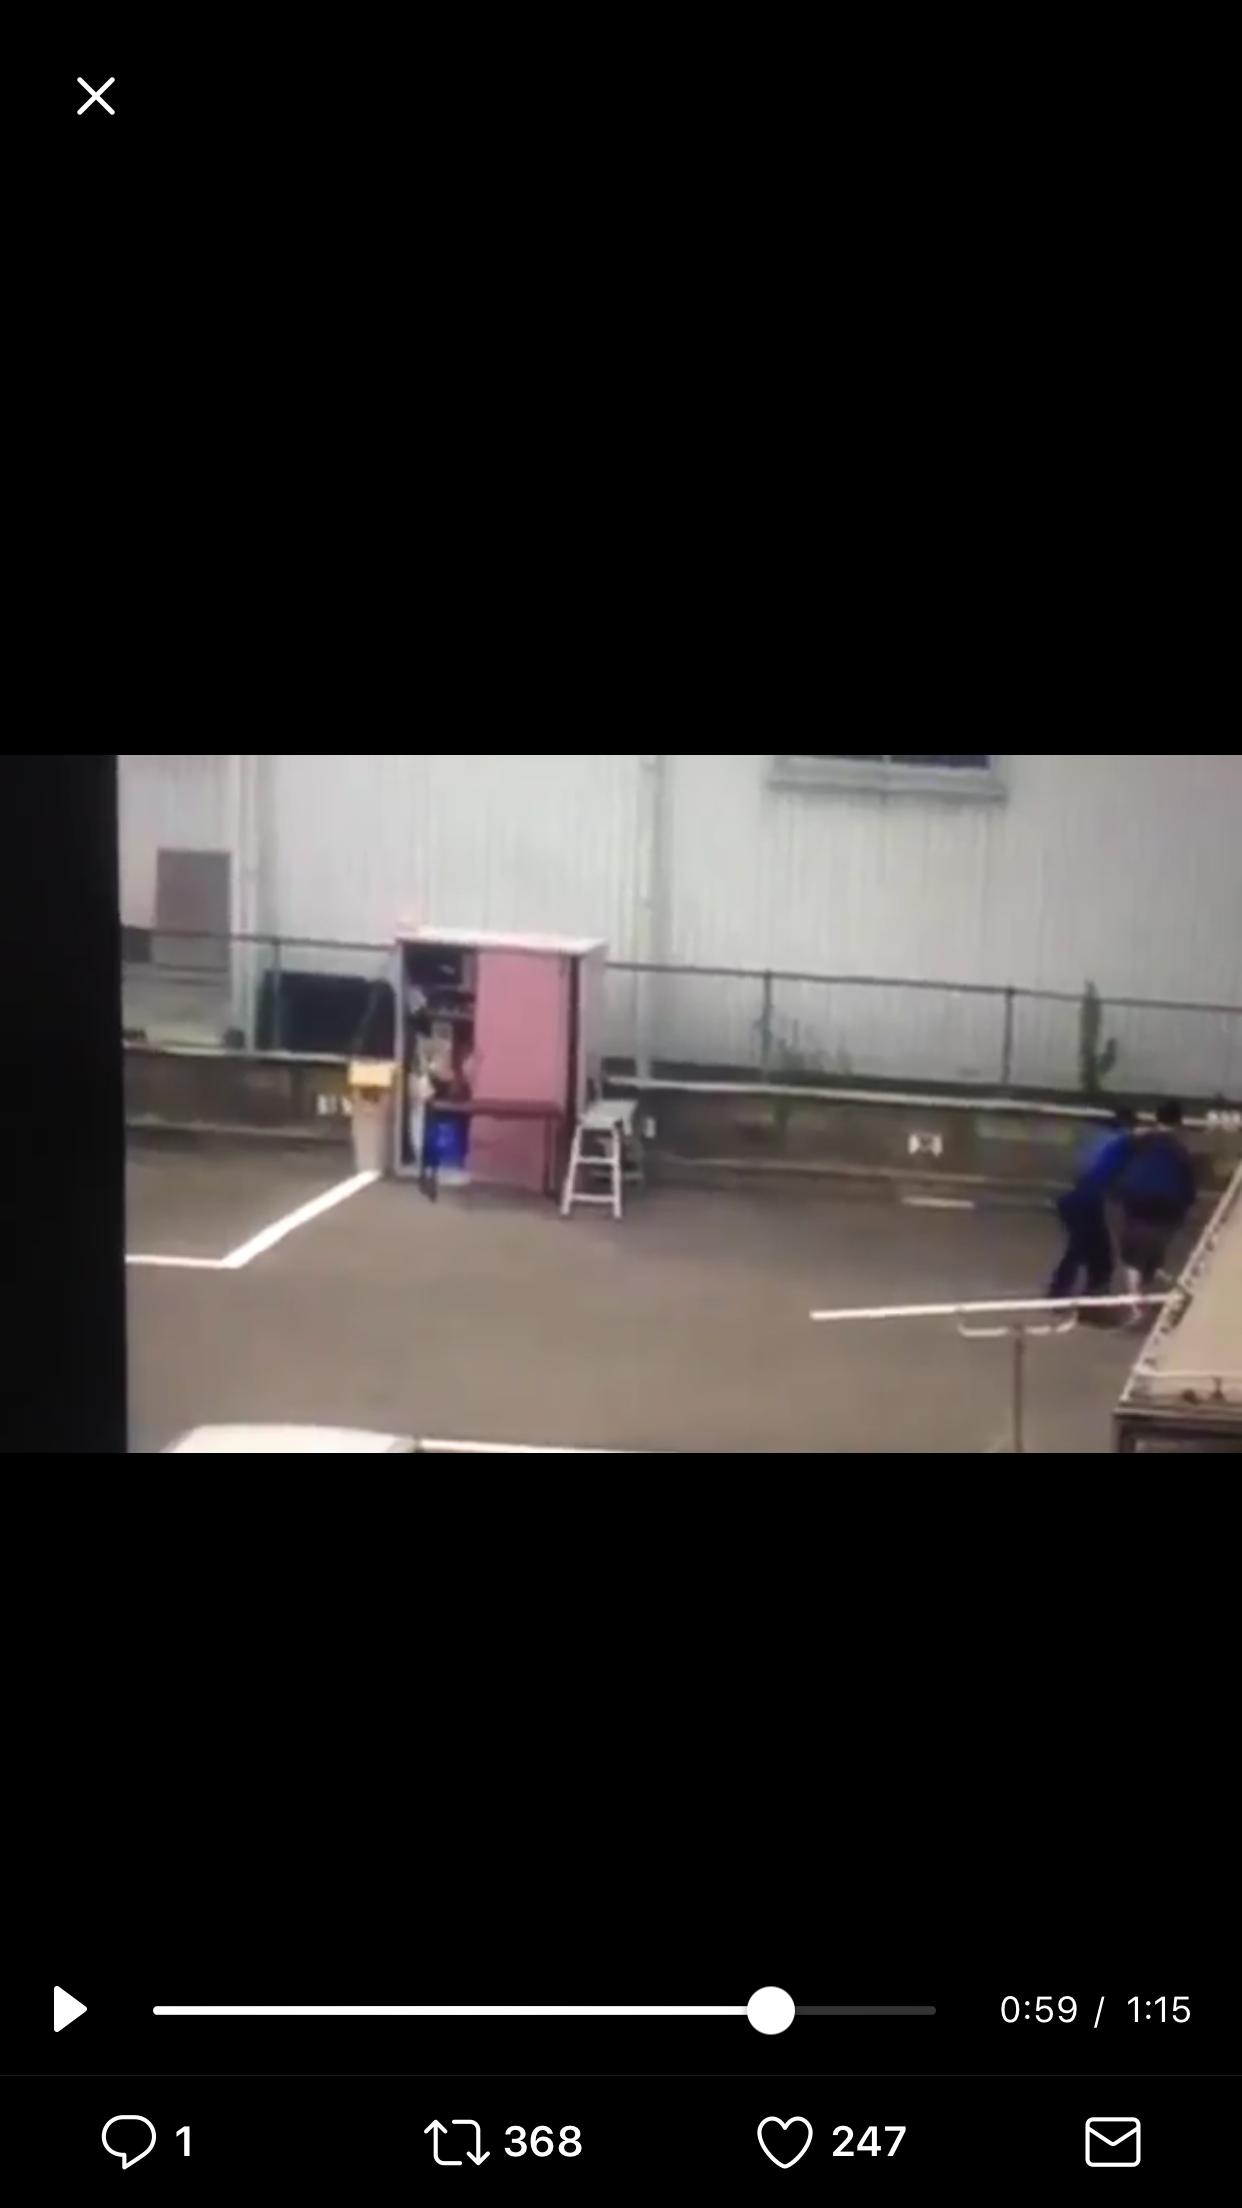 サカイ引越センターで「パワハラ暴行事件」 男性を蹴りつける行為も